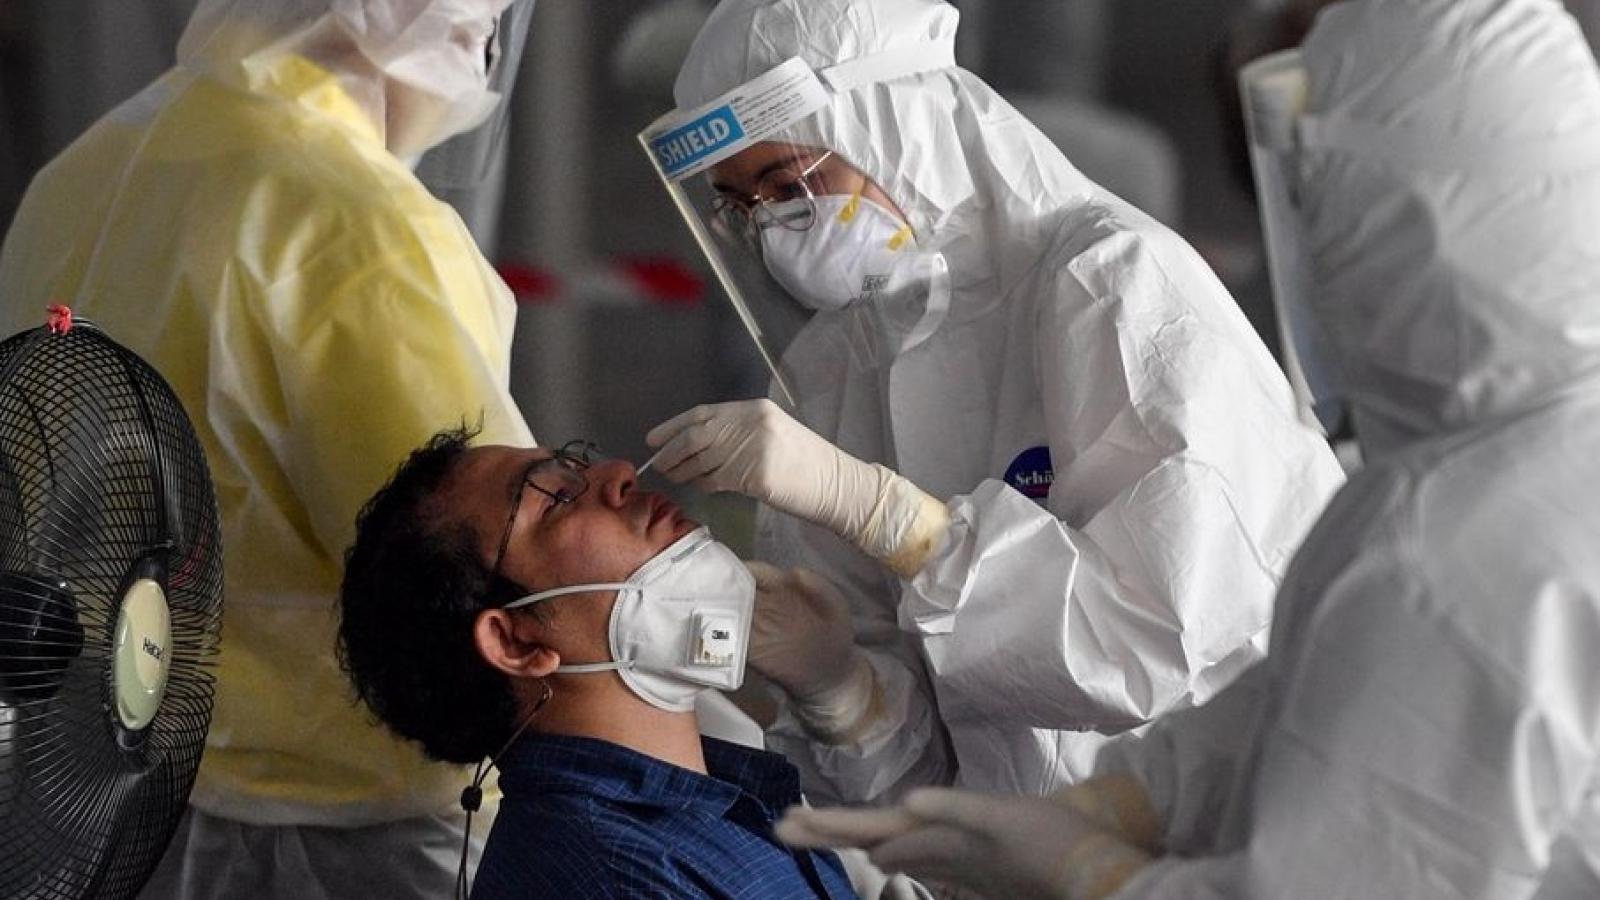 Số ca Covid-19 tử vong tăng kỷ lục, Thái Lan kiên quyết cấm tụ tập nơi công cộng